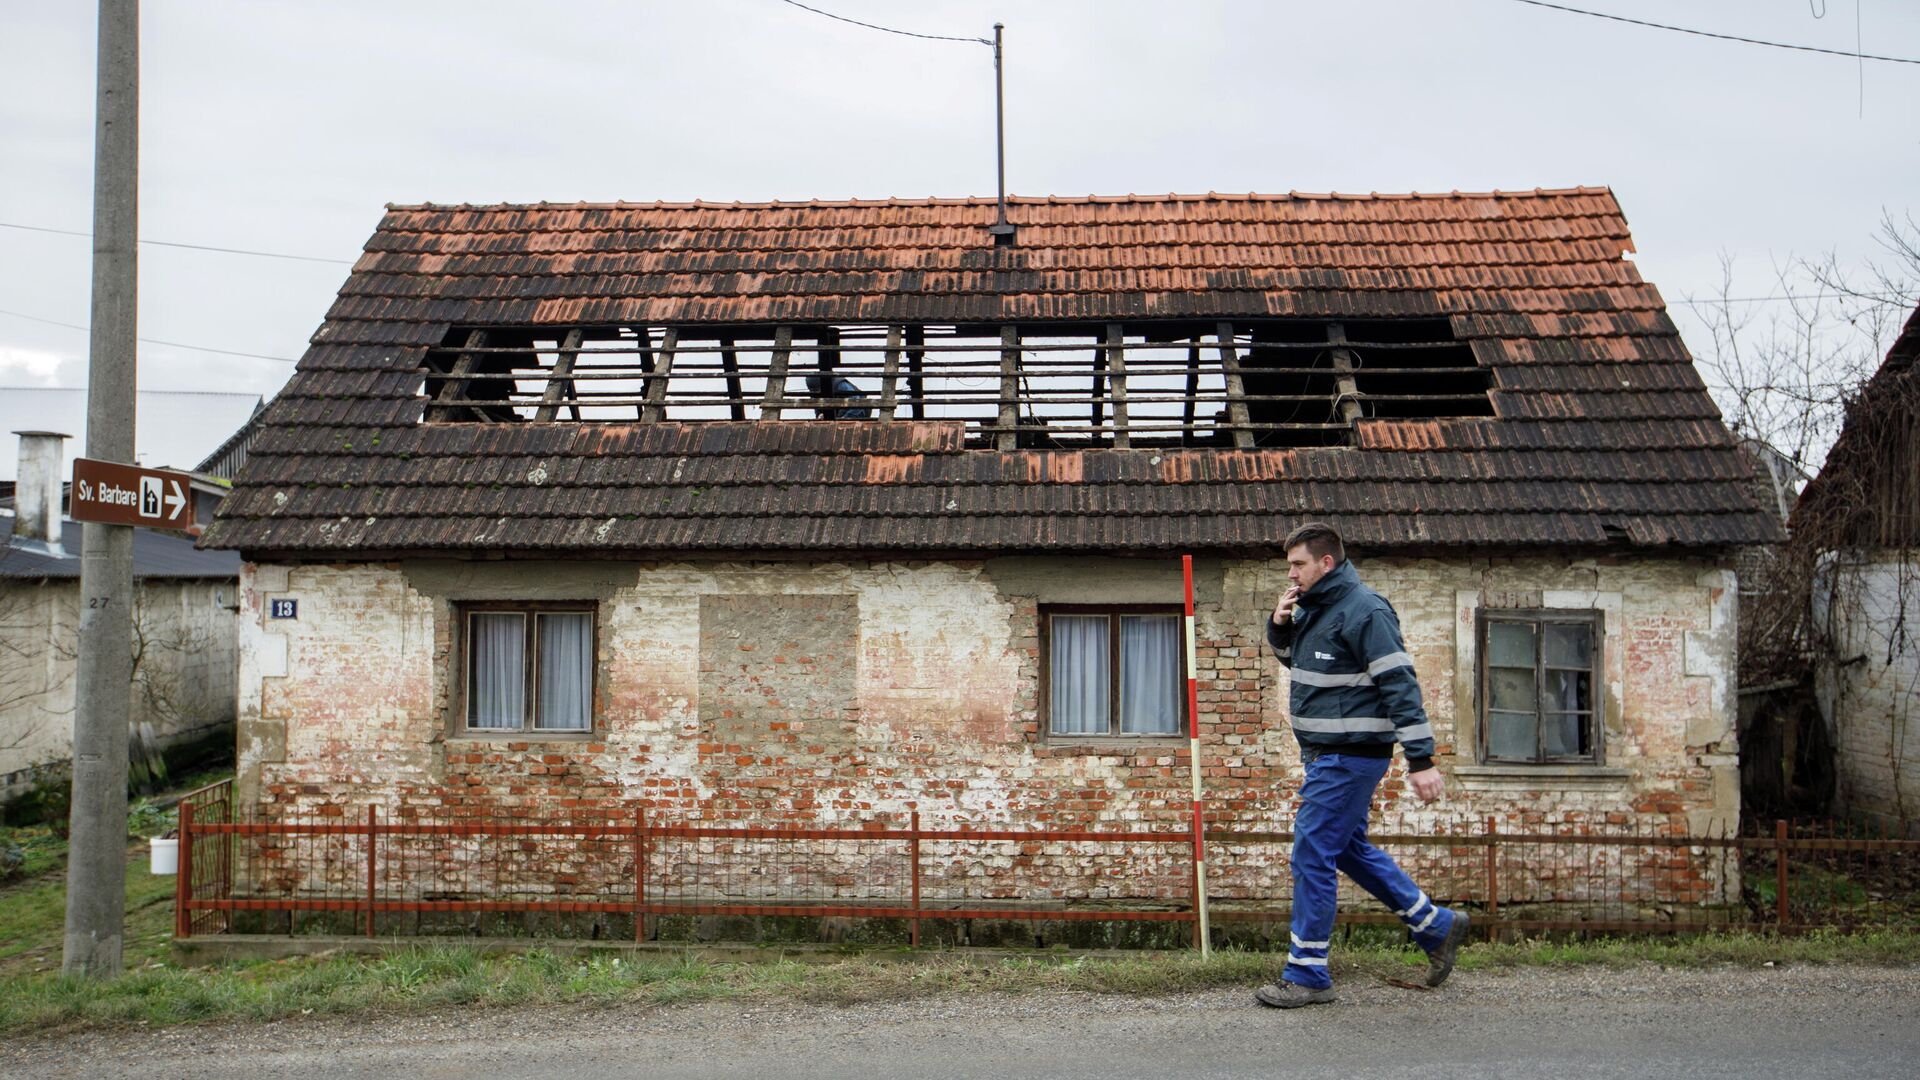 Дом, пострадавший в результате землетрясения в Хорватии - РИА Новости, 1920, 29.12.2020